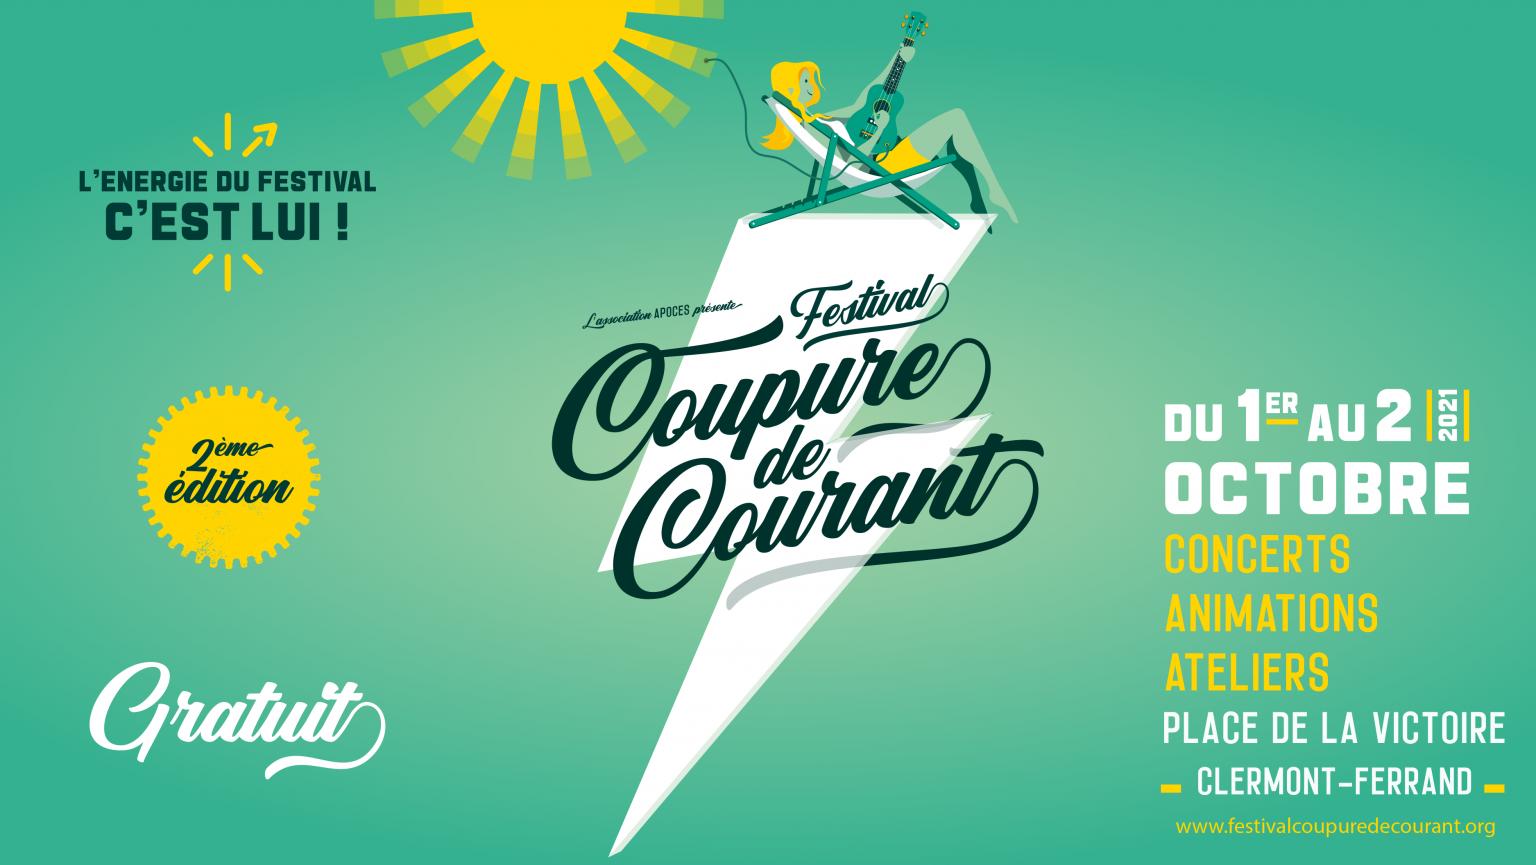 Coupure de Courant Festival